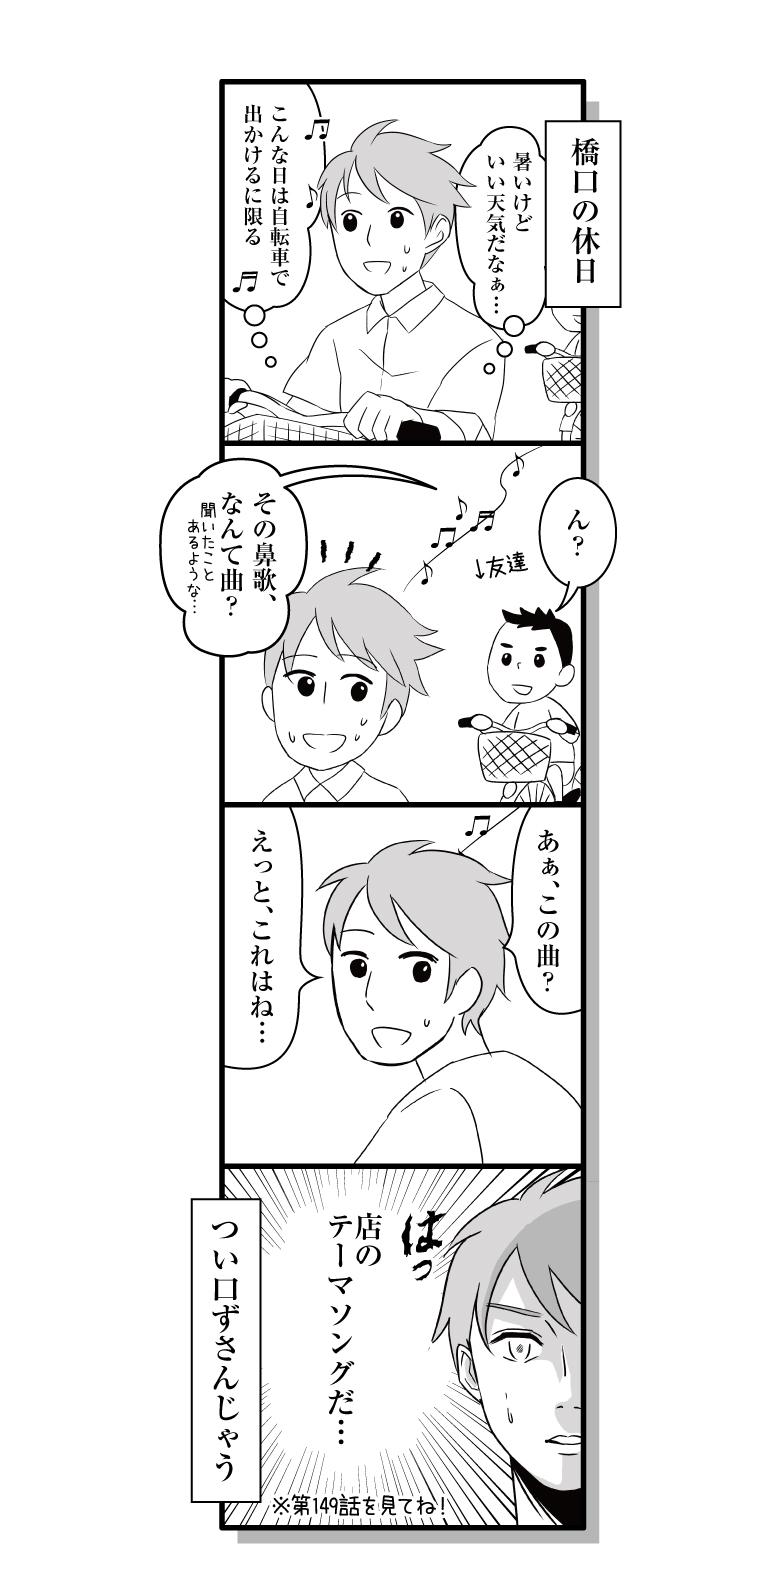 190803_manga